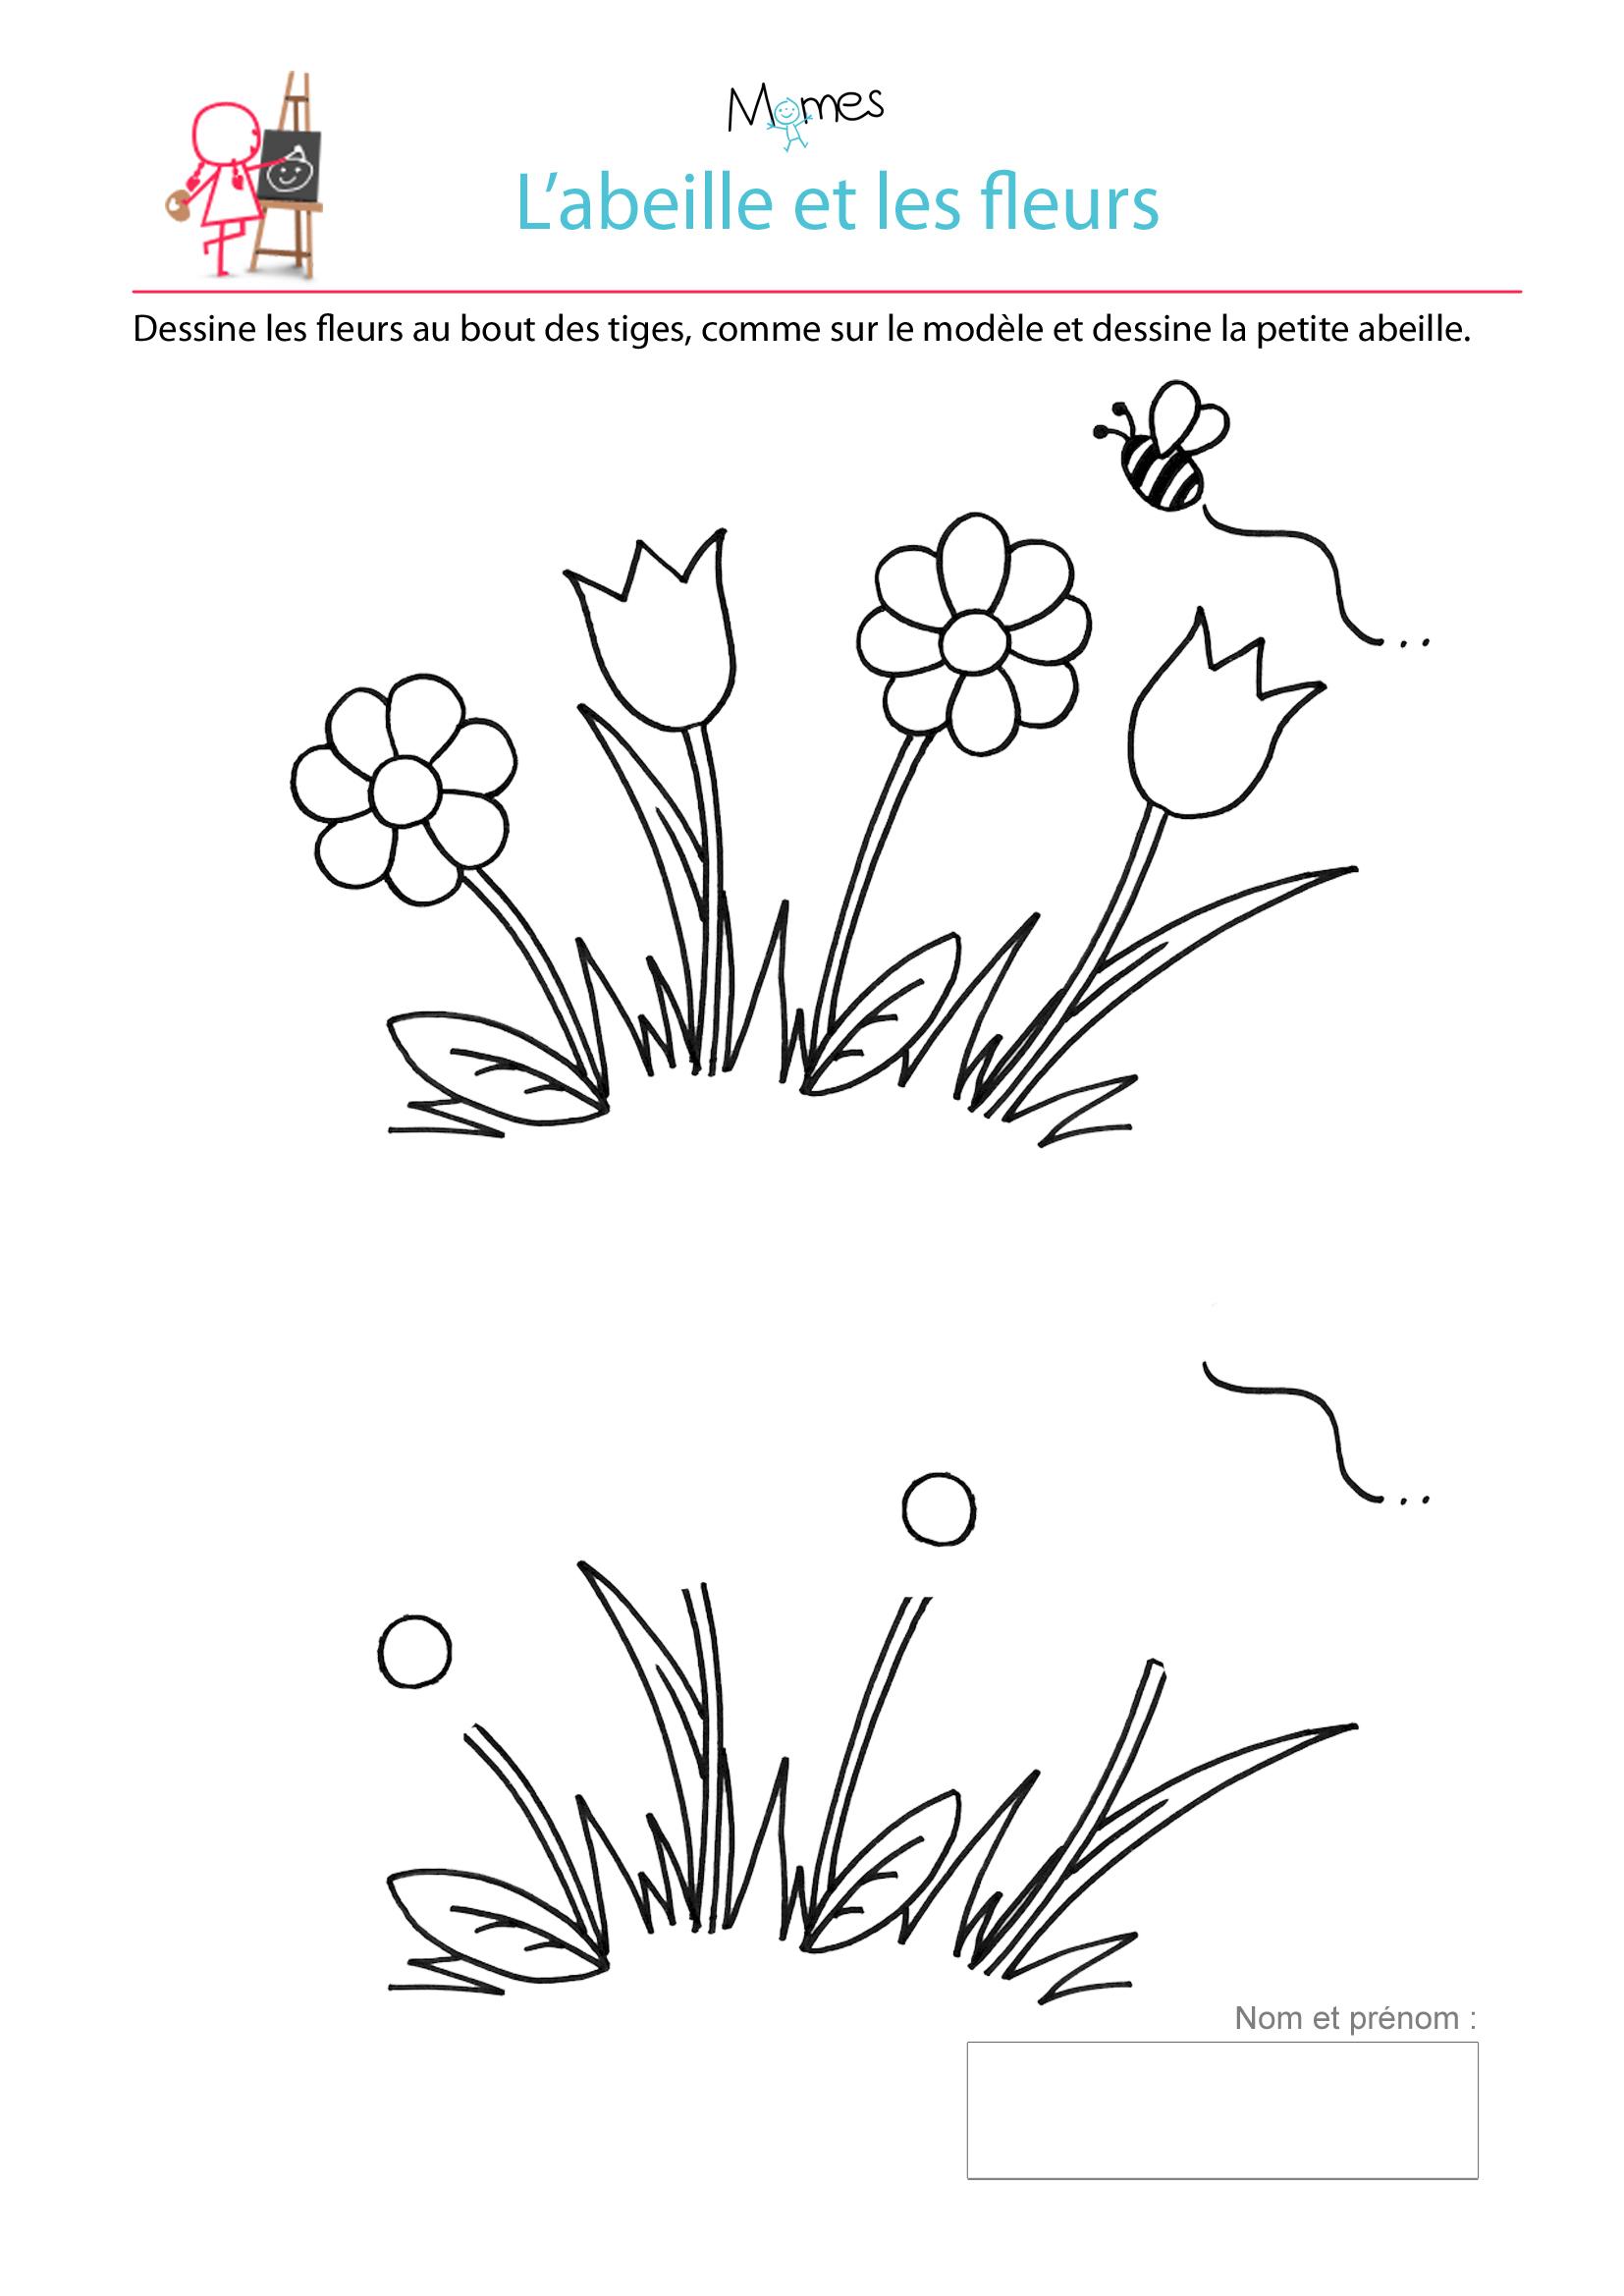 Dessiner Les Fleurs - Momes dedans Apprendre À Dessiner En Maternelle